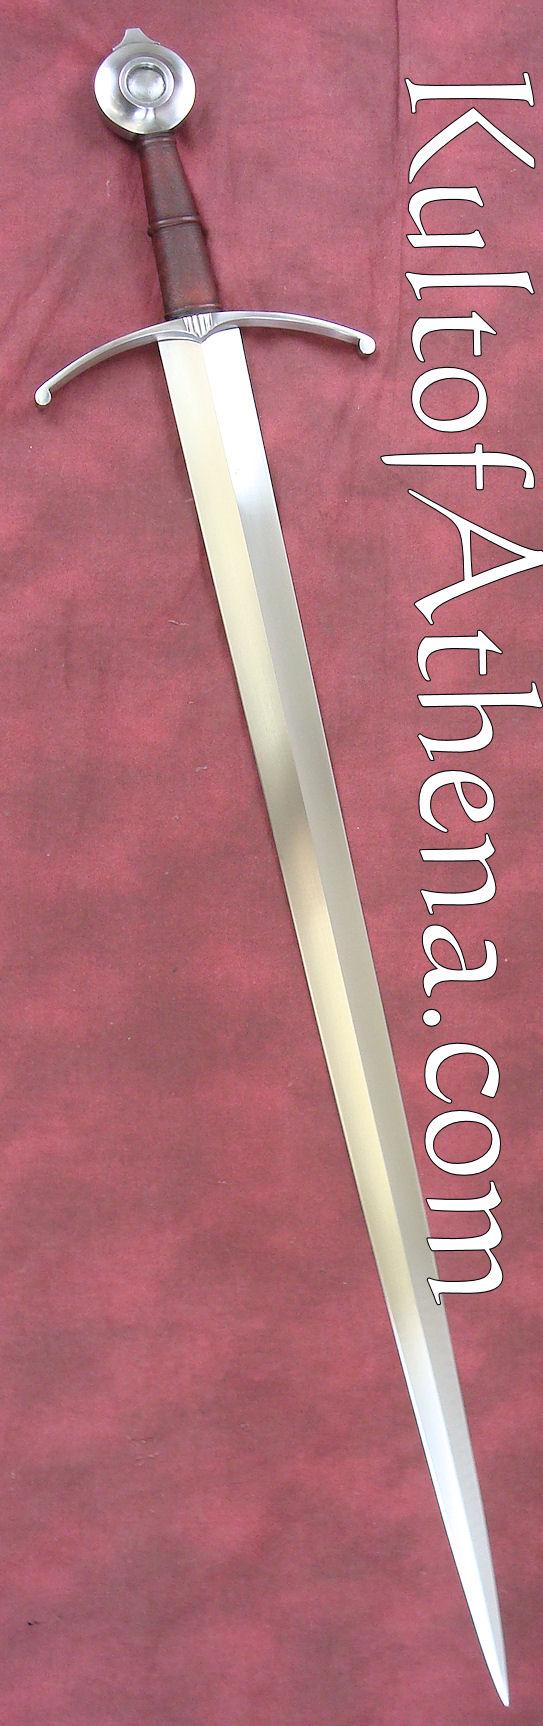 Albion Kingmaker Sword Albion Swords Sword Arming Sword